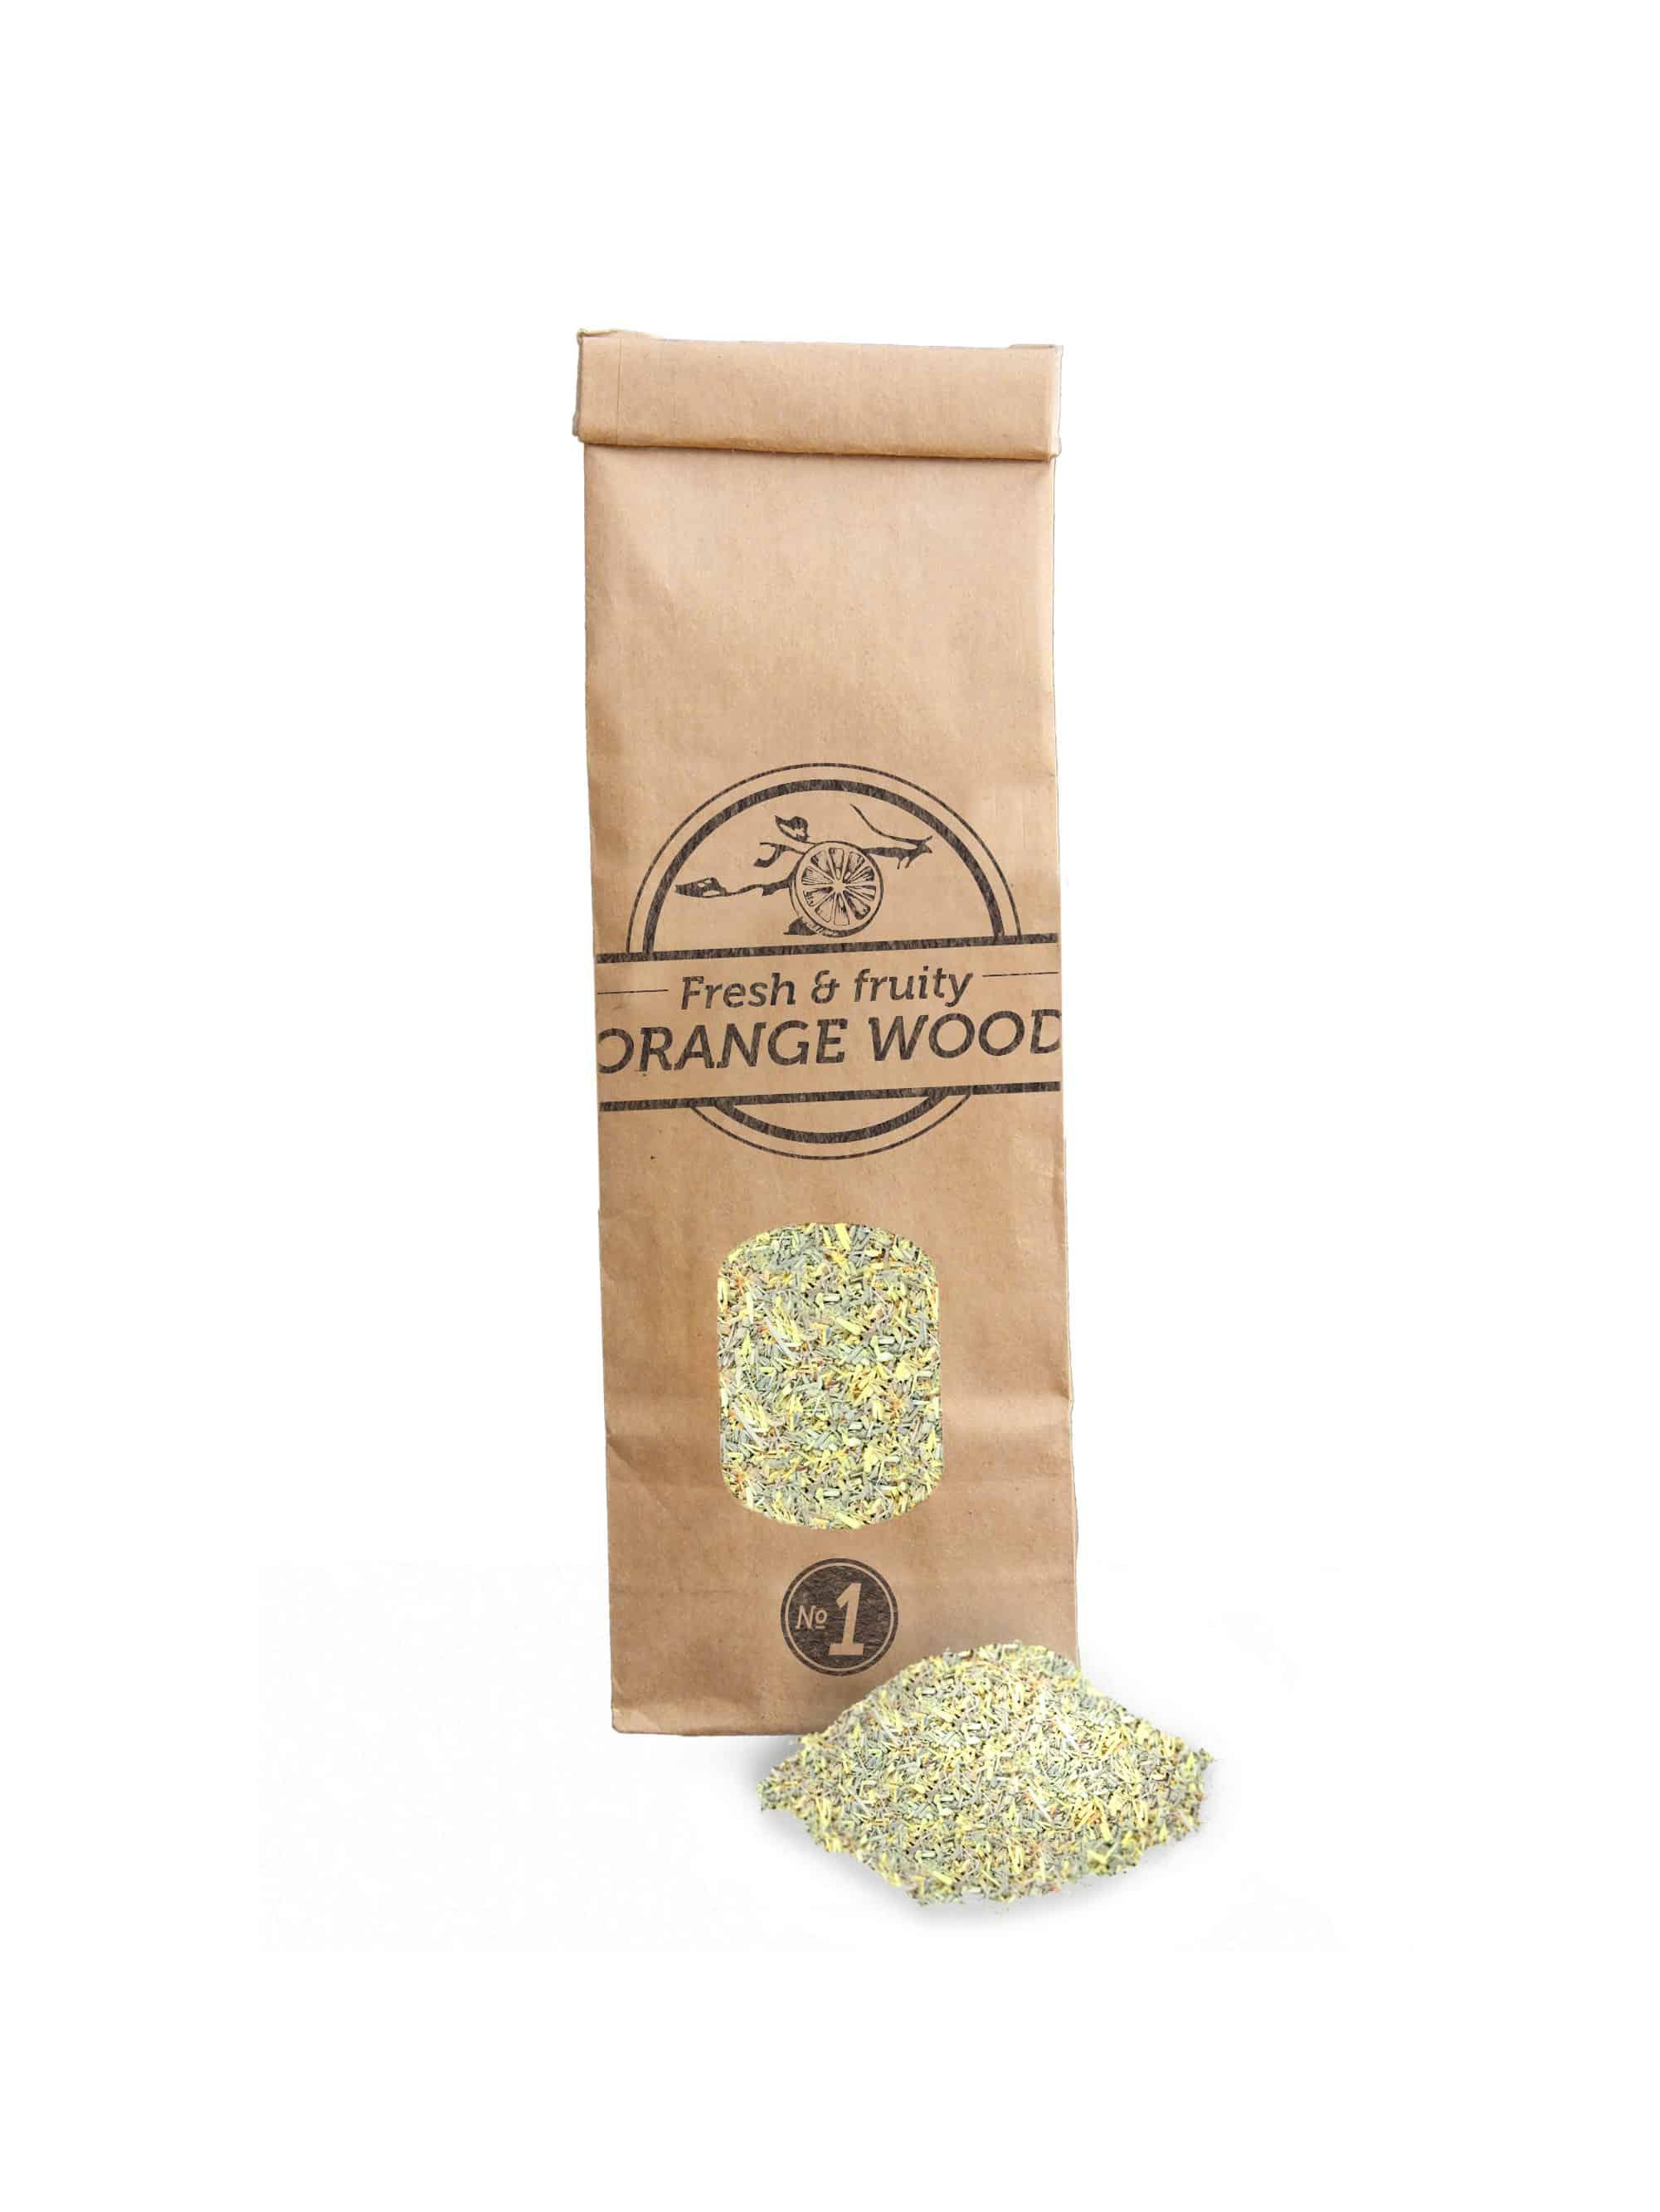 SOW Sinaasappelhout rookmot proefpakket Nº1